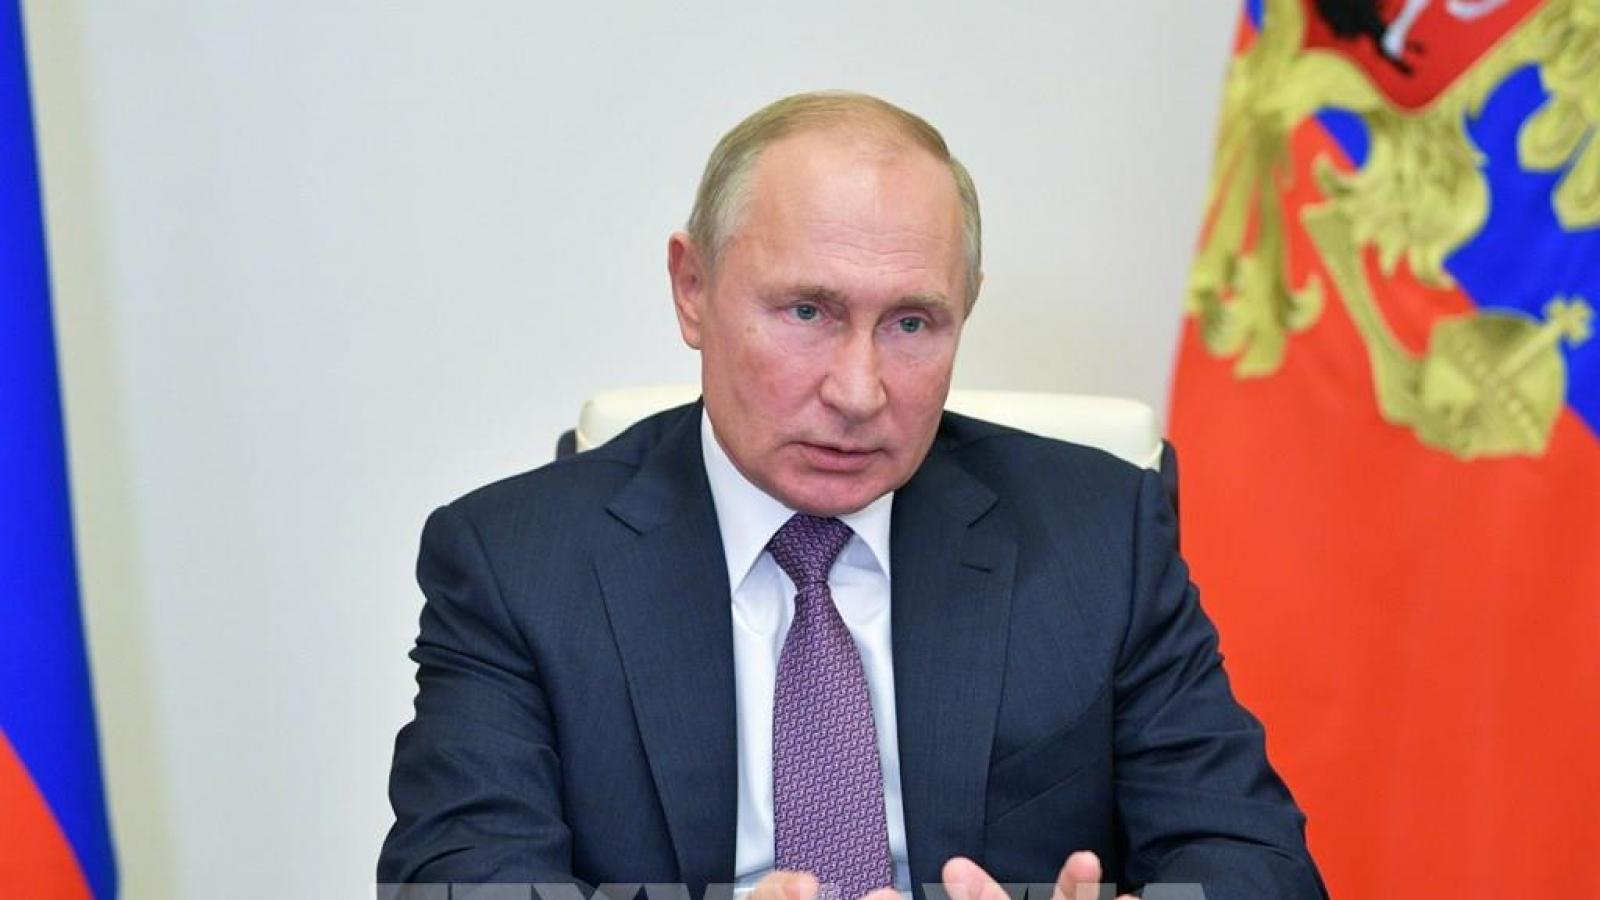 Diễn đàn Kinh tế Quốc tế St.Petersburg 2021 sẽ được tổ chức trực tiếp